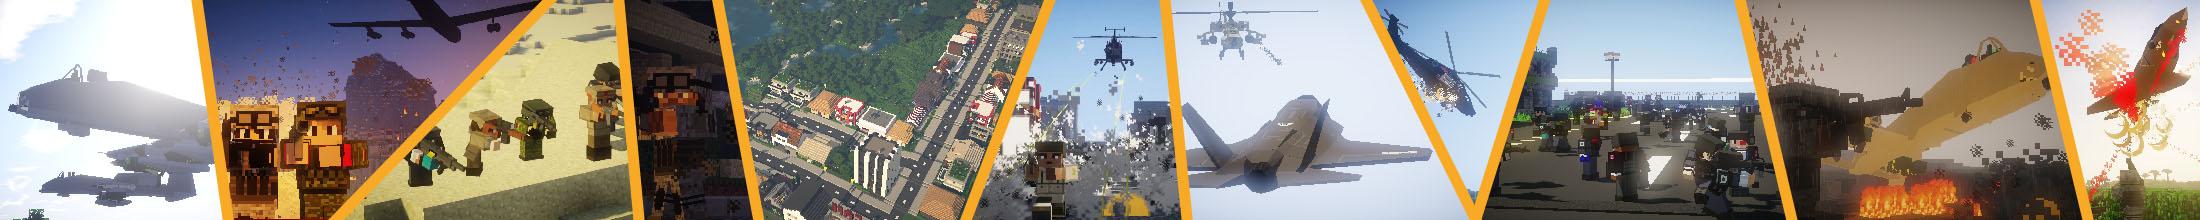 https://www.minecraft-breakdown.net/images/title-bg.jpg